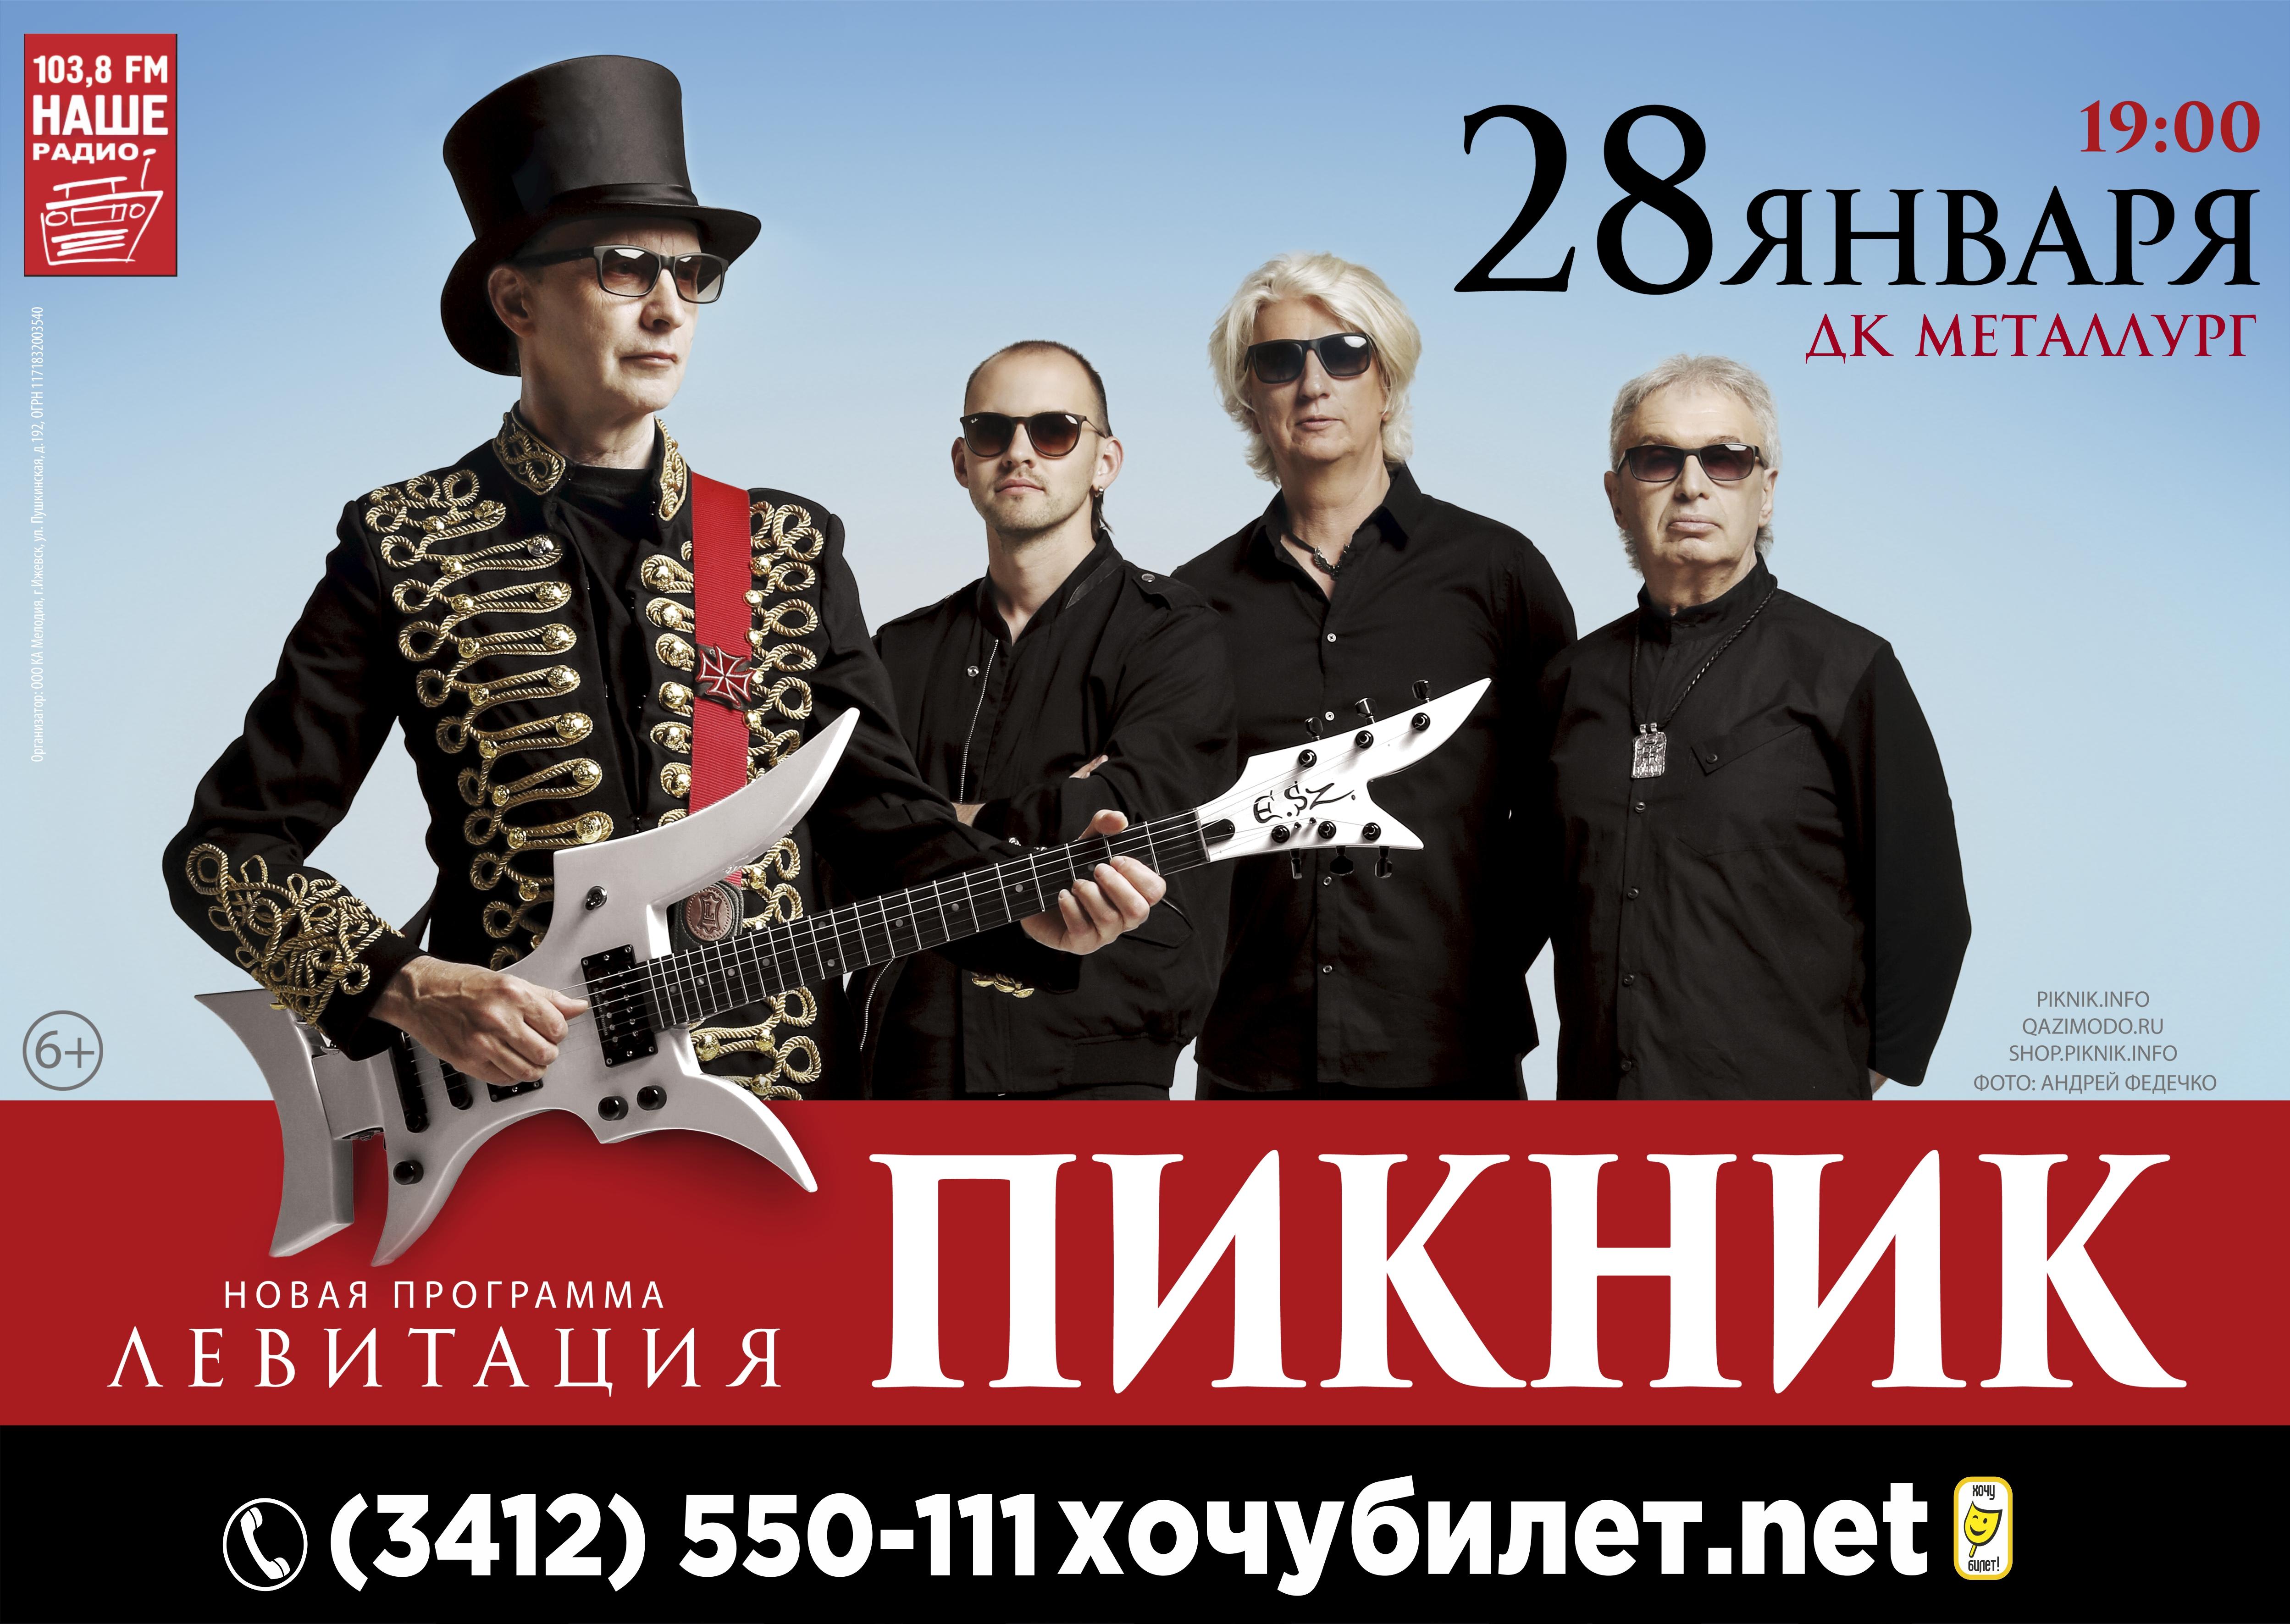 Забронировать билет на концерт ижевск афиша театров на 12 ноября